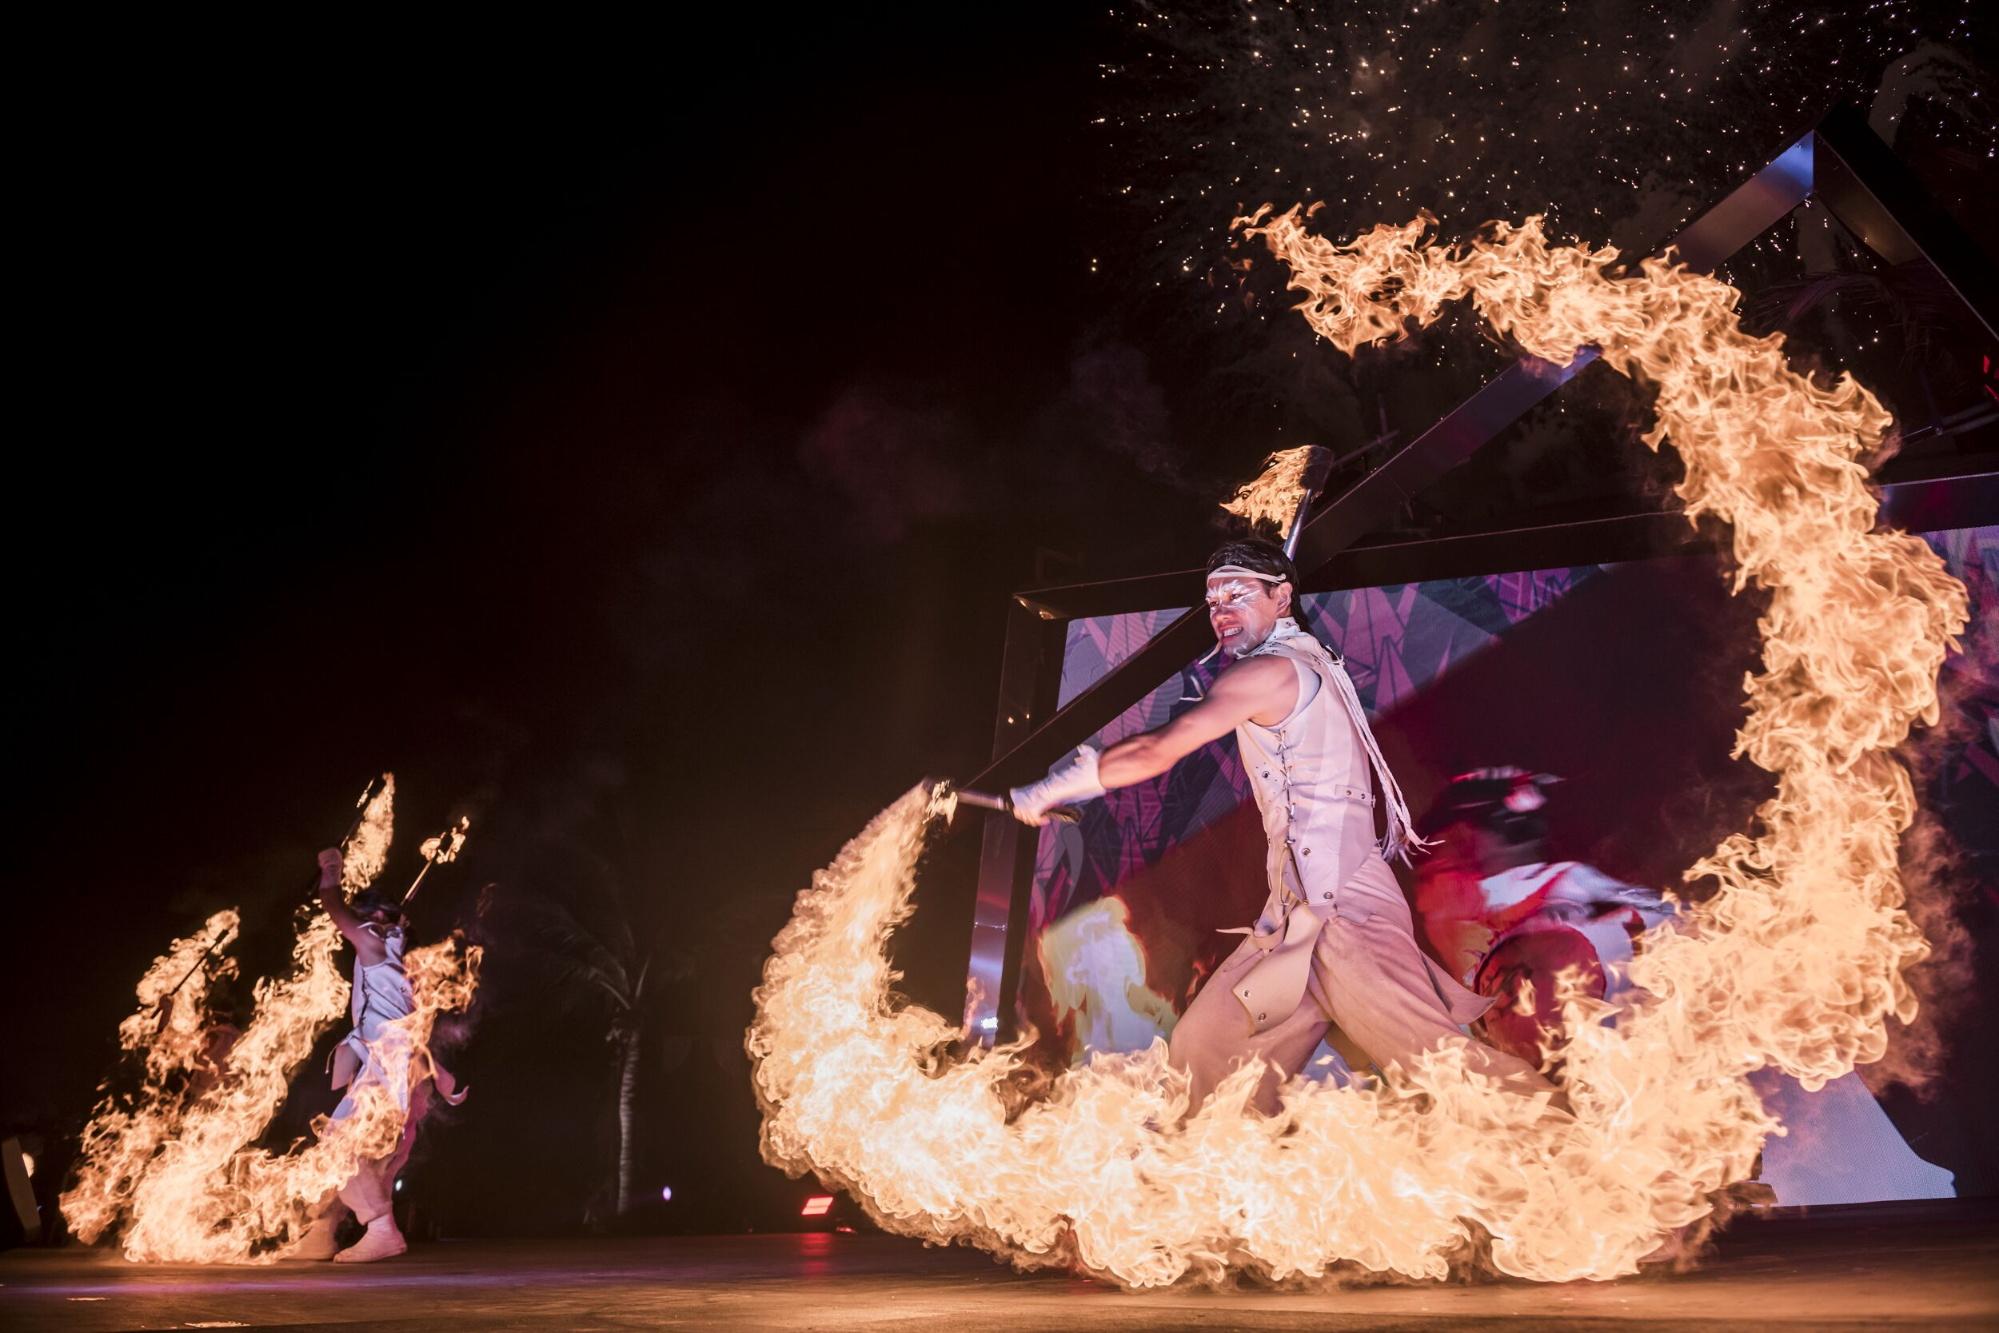 fire twirling star island